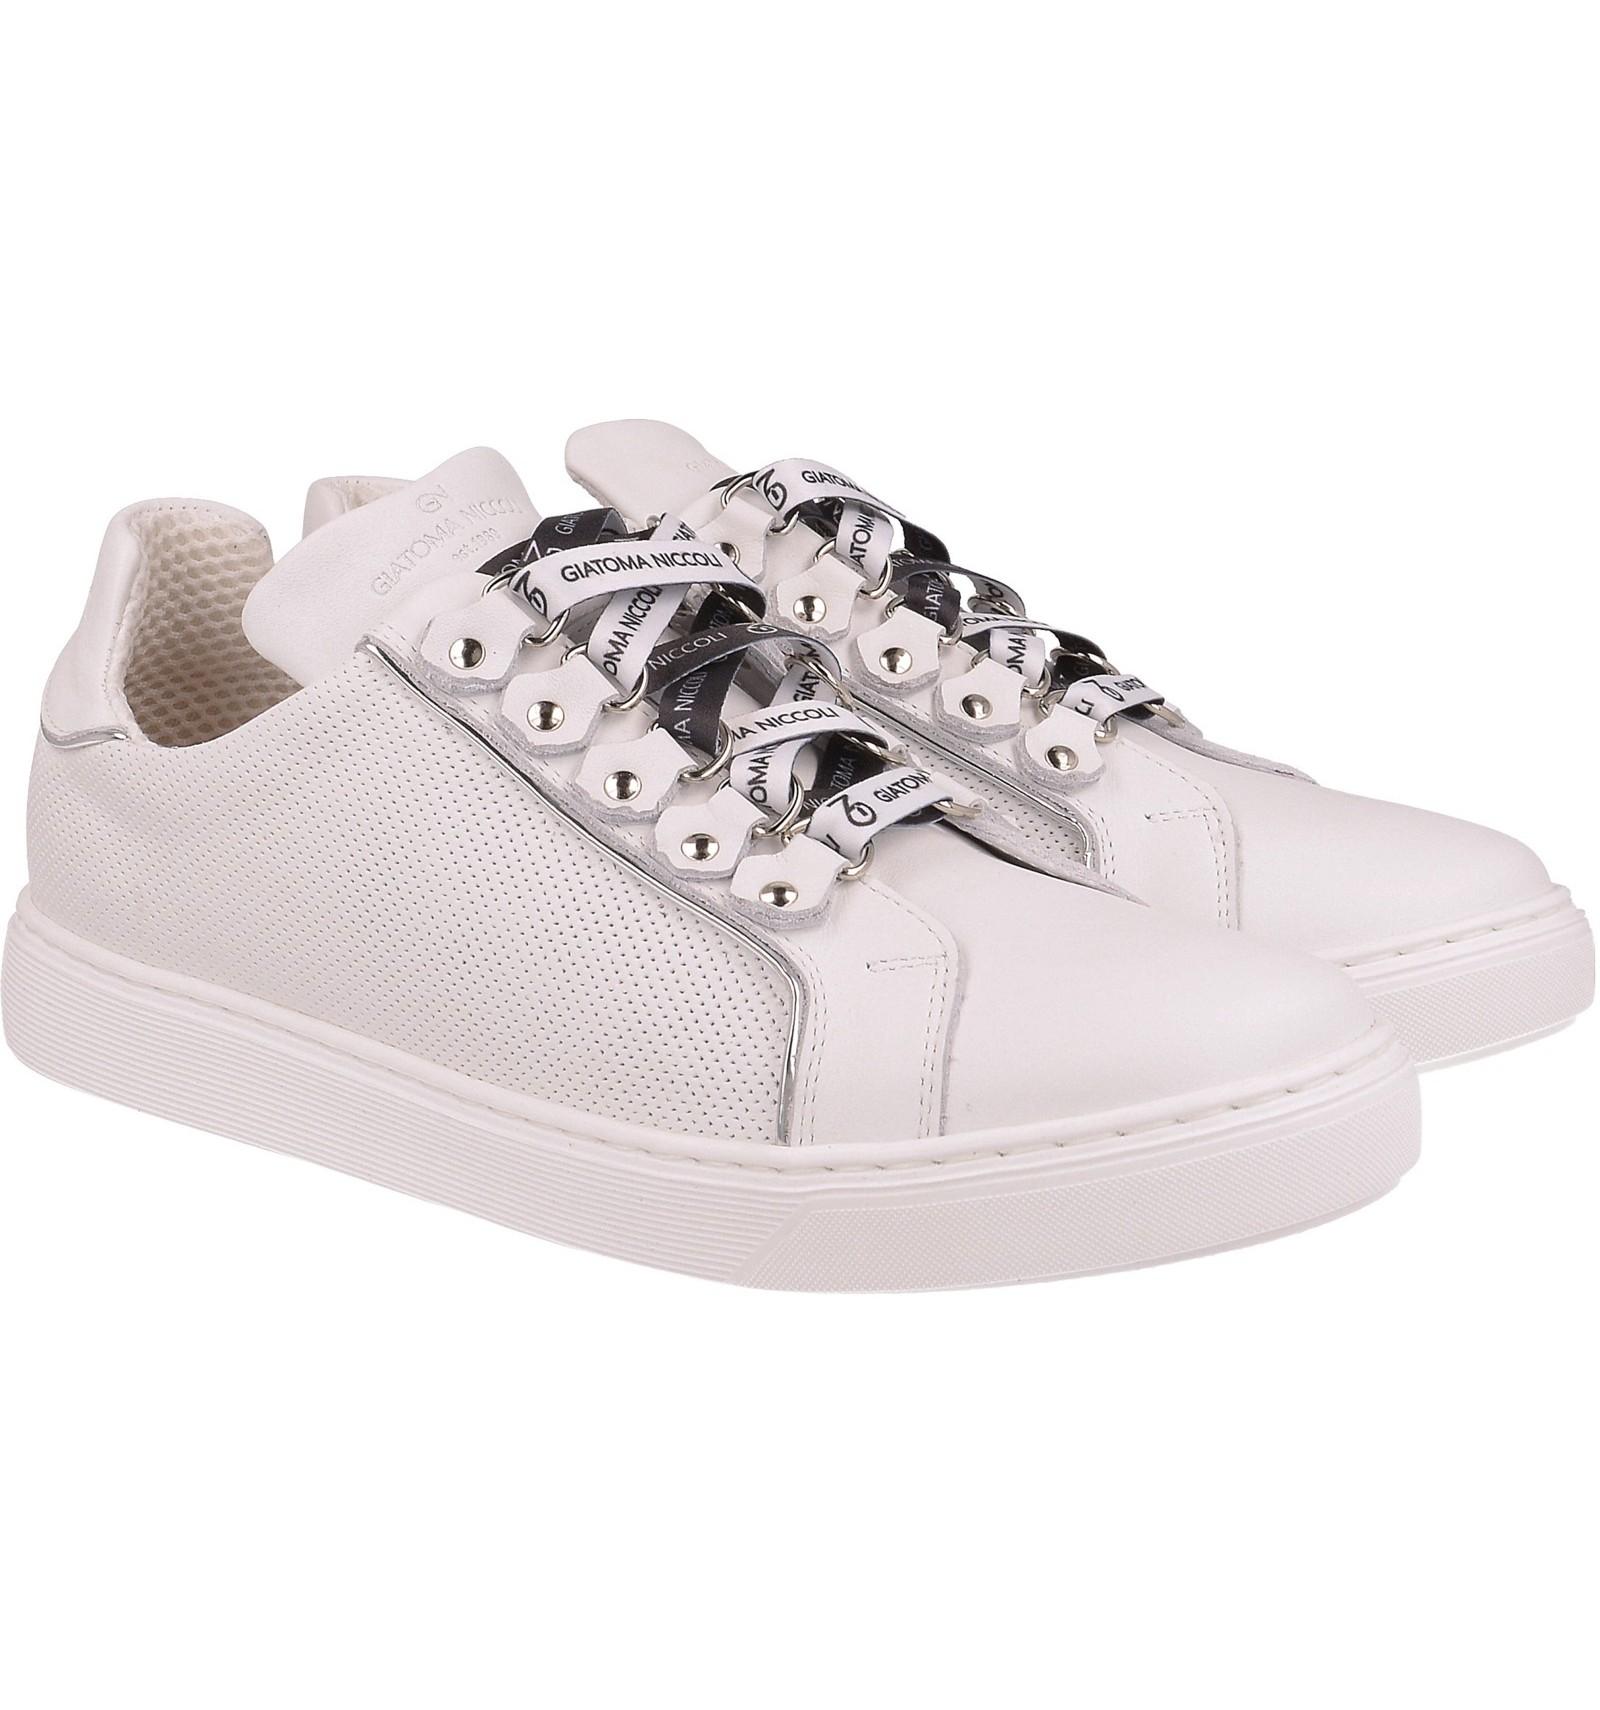 Białe sneakersy z ozdobnym sznurowaniem, skóra naturalna